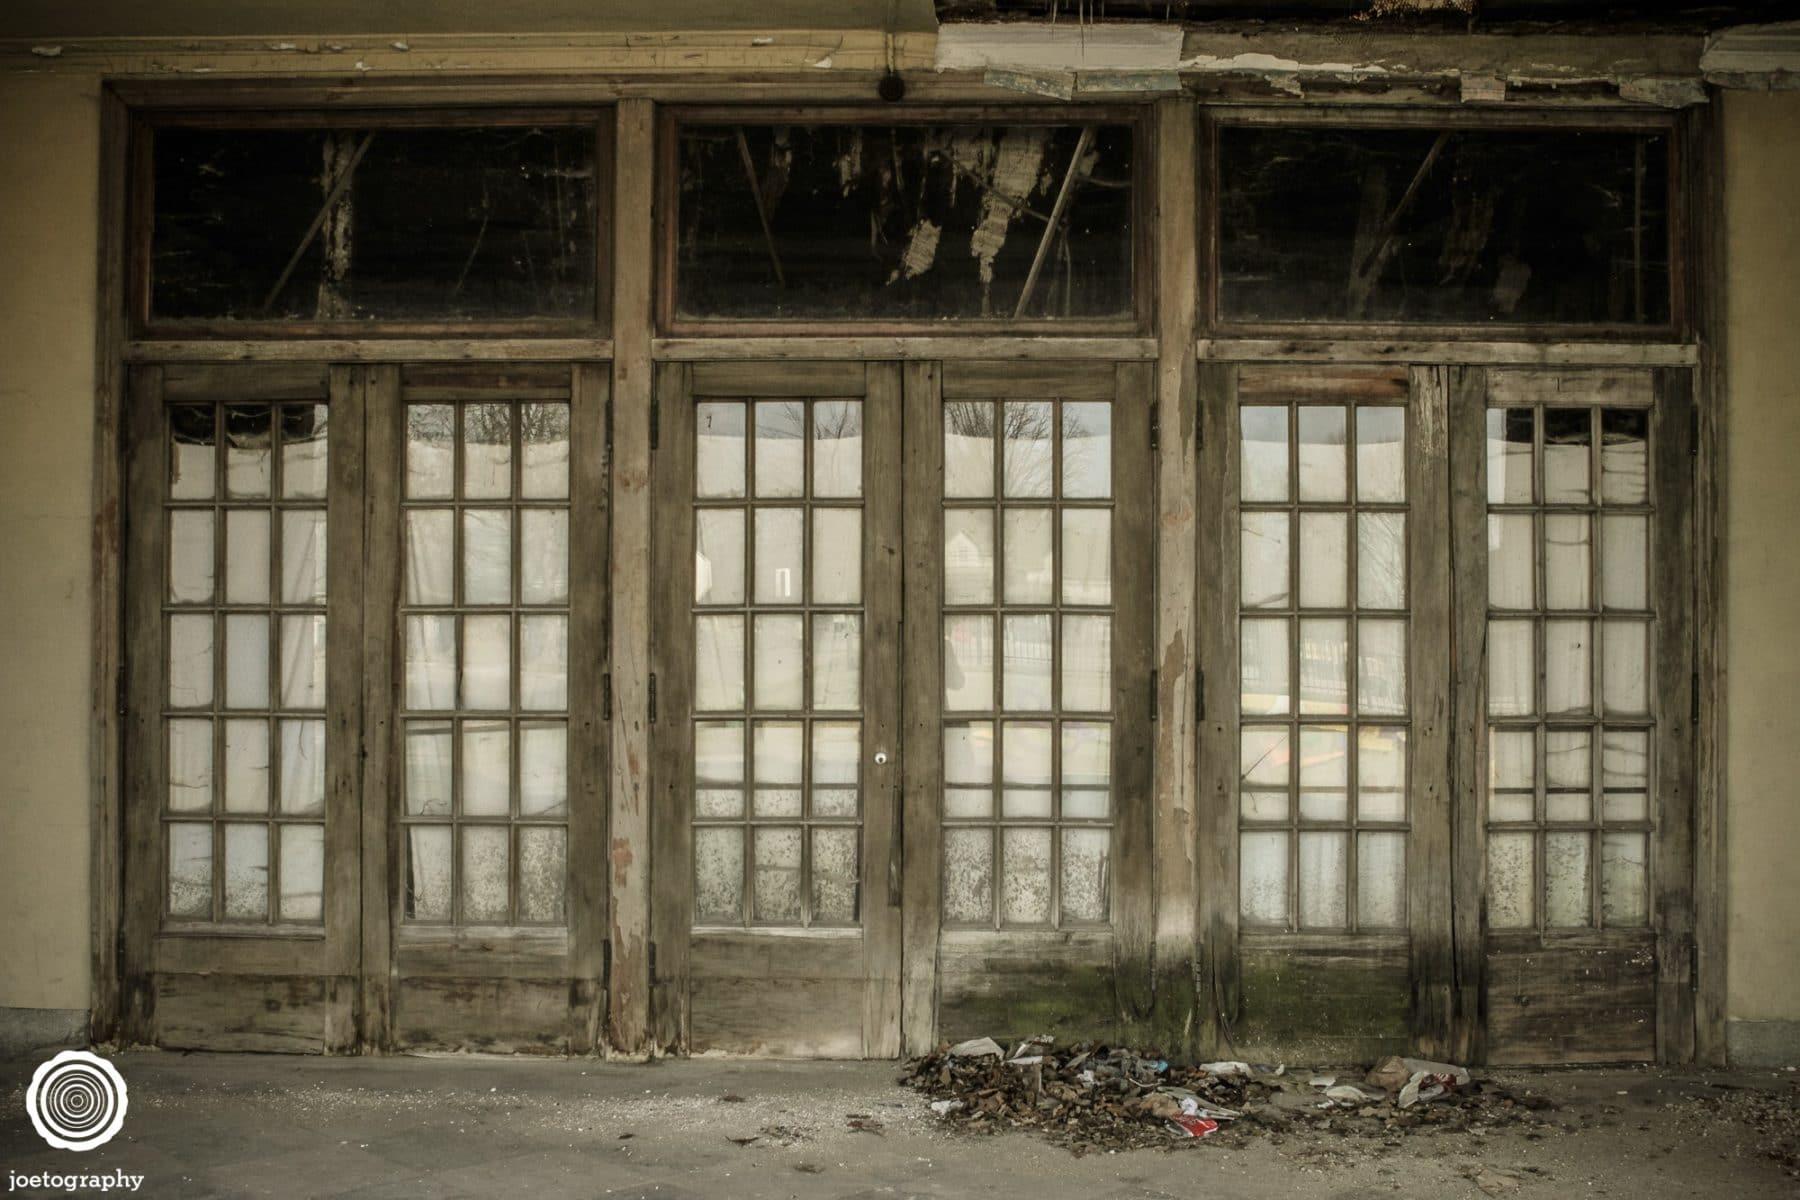 Rivoli-Theatre-Architecture-Photography-Indianapolis-4